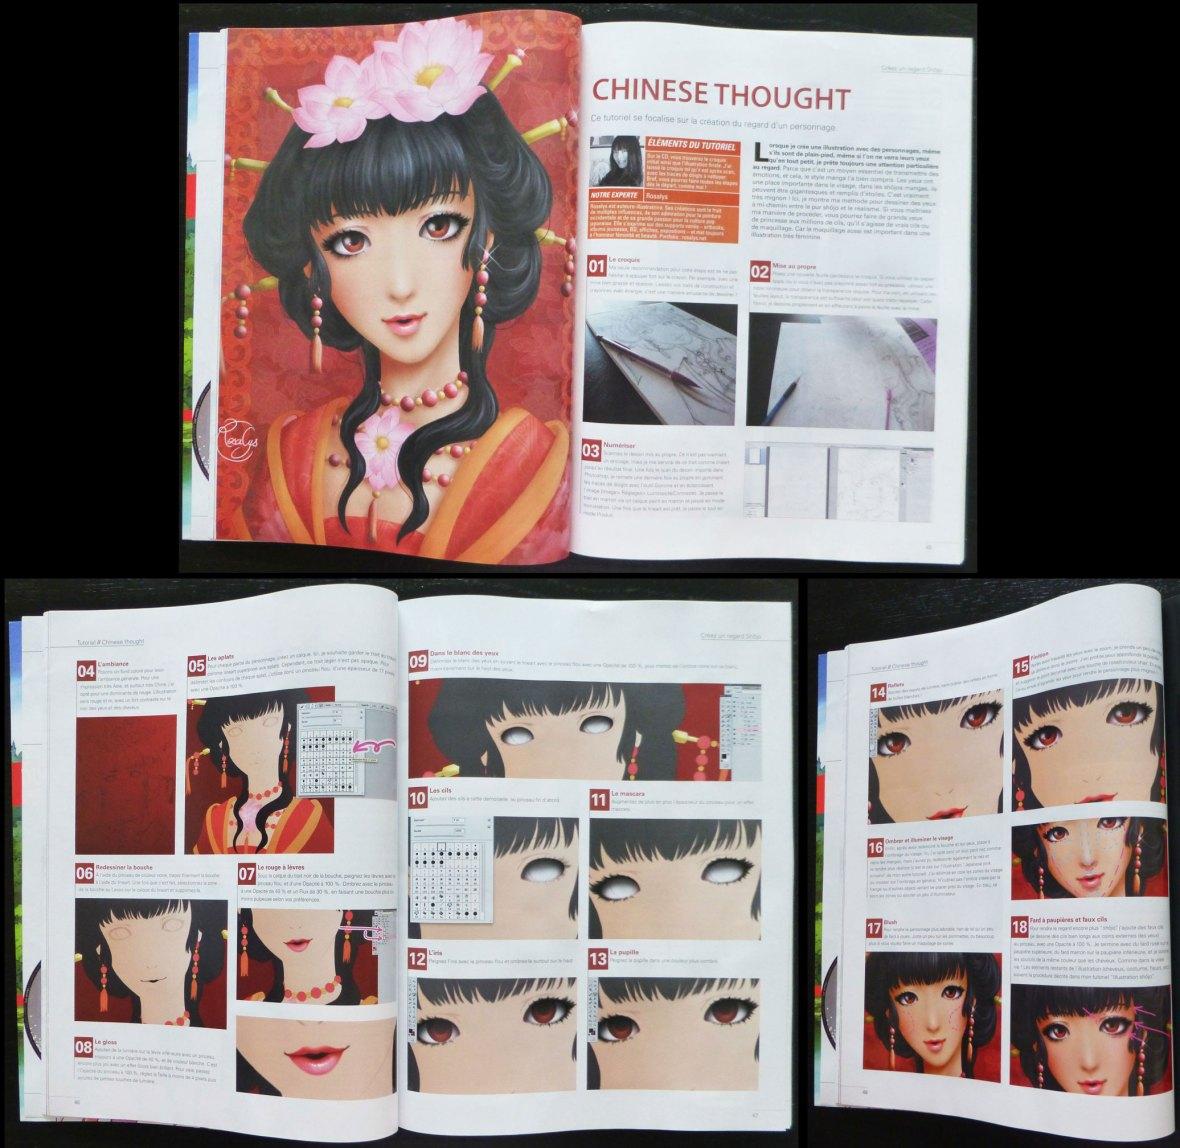 2012 : Tutorial for the art magazine Digital artist